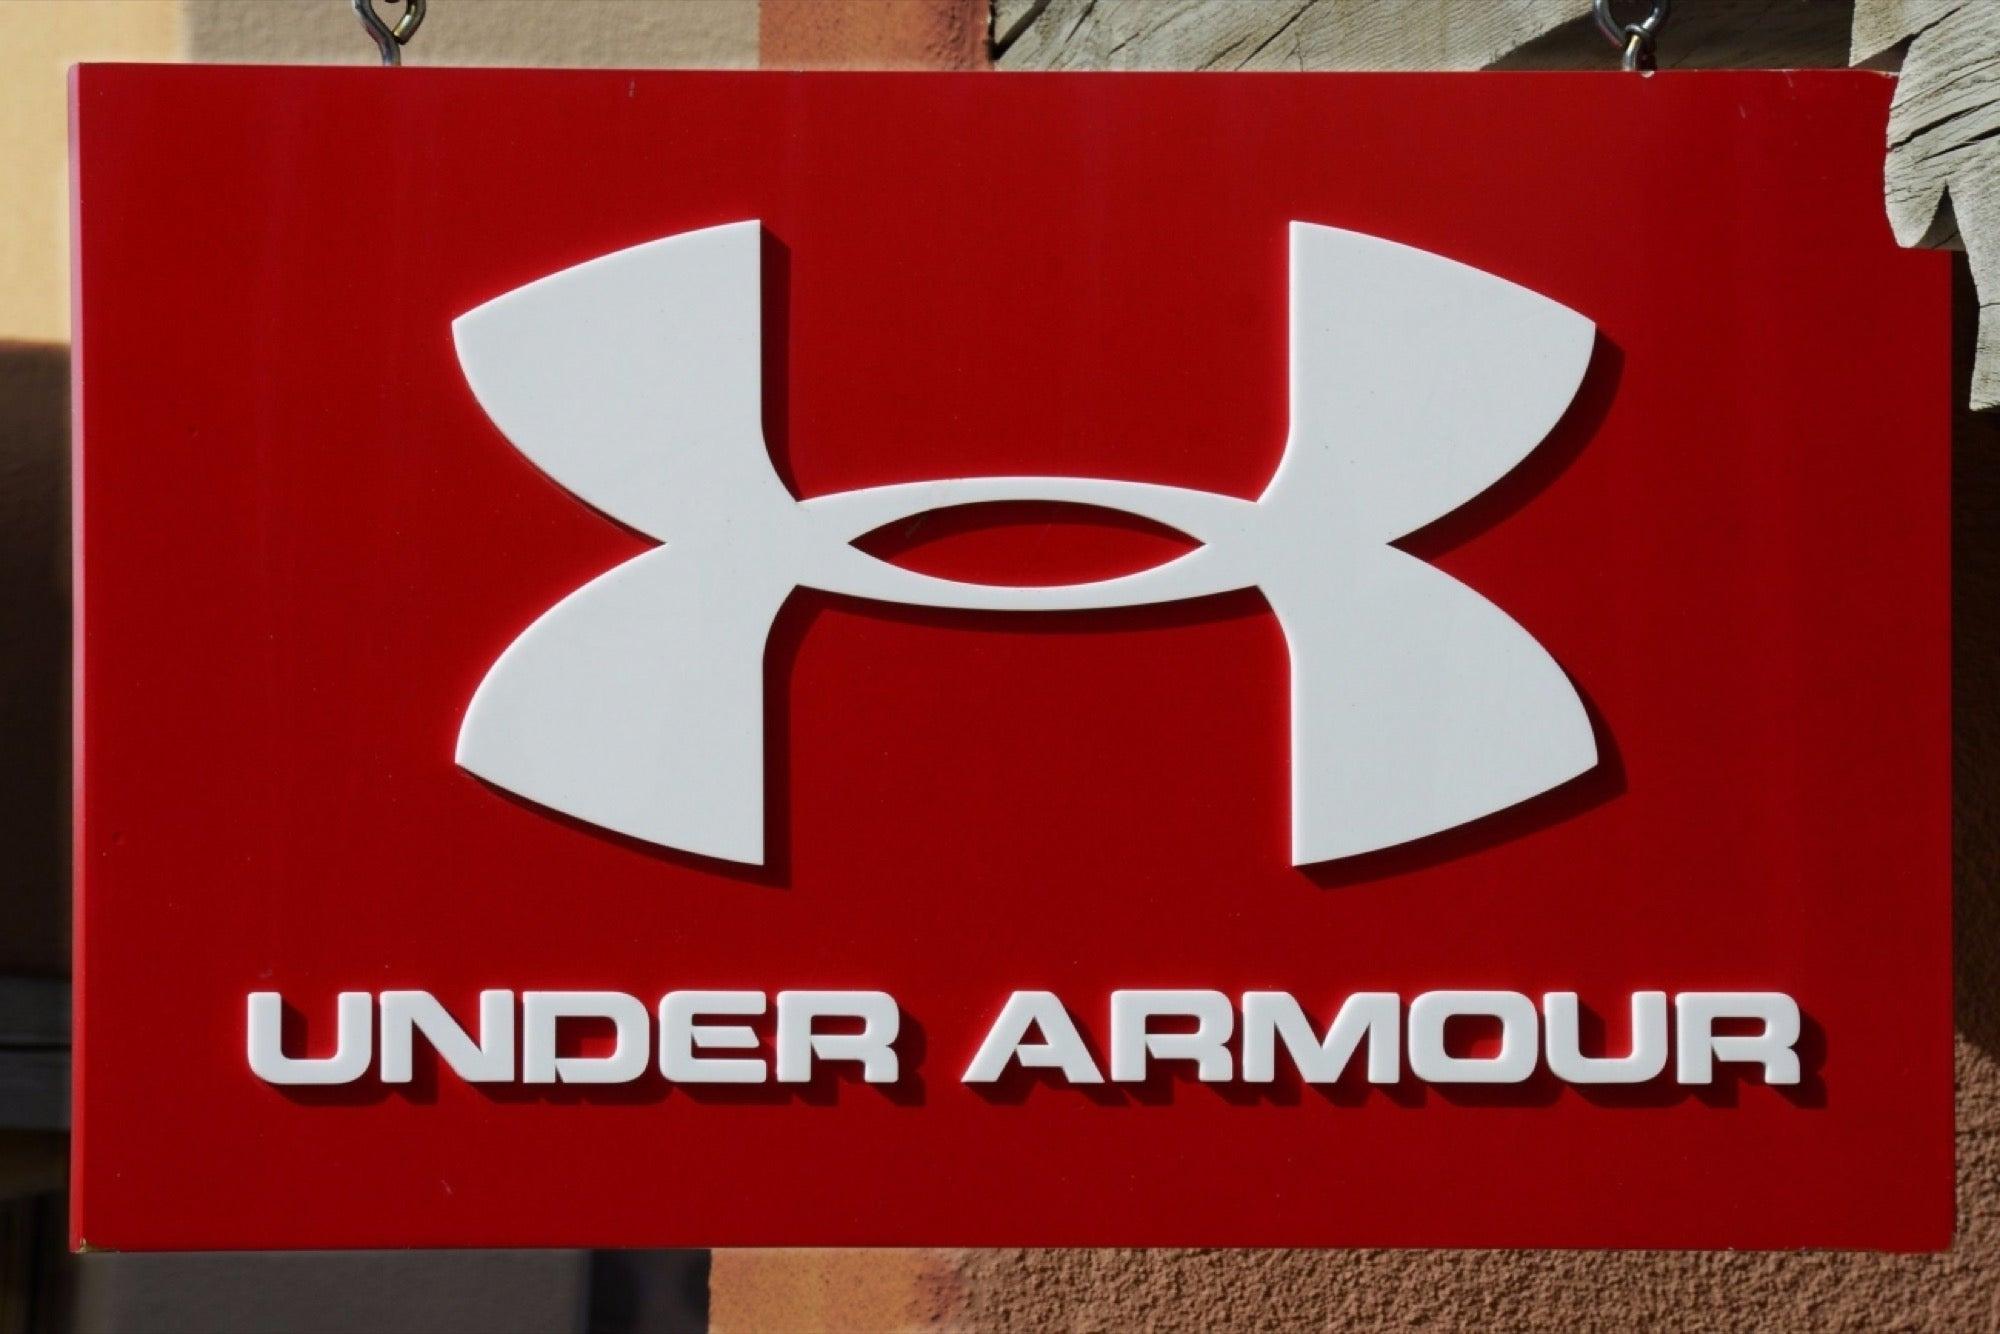 under armour full site